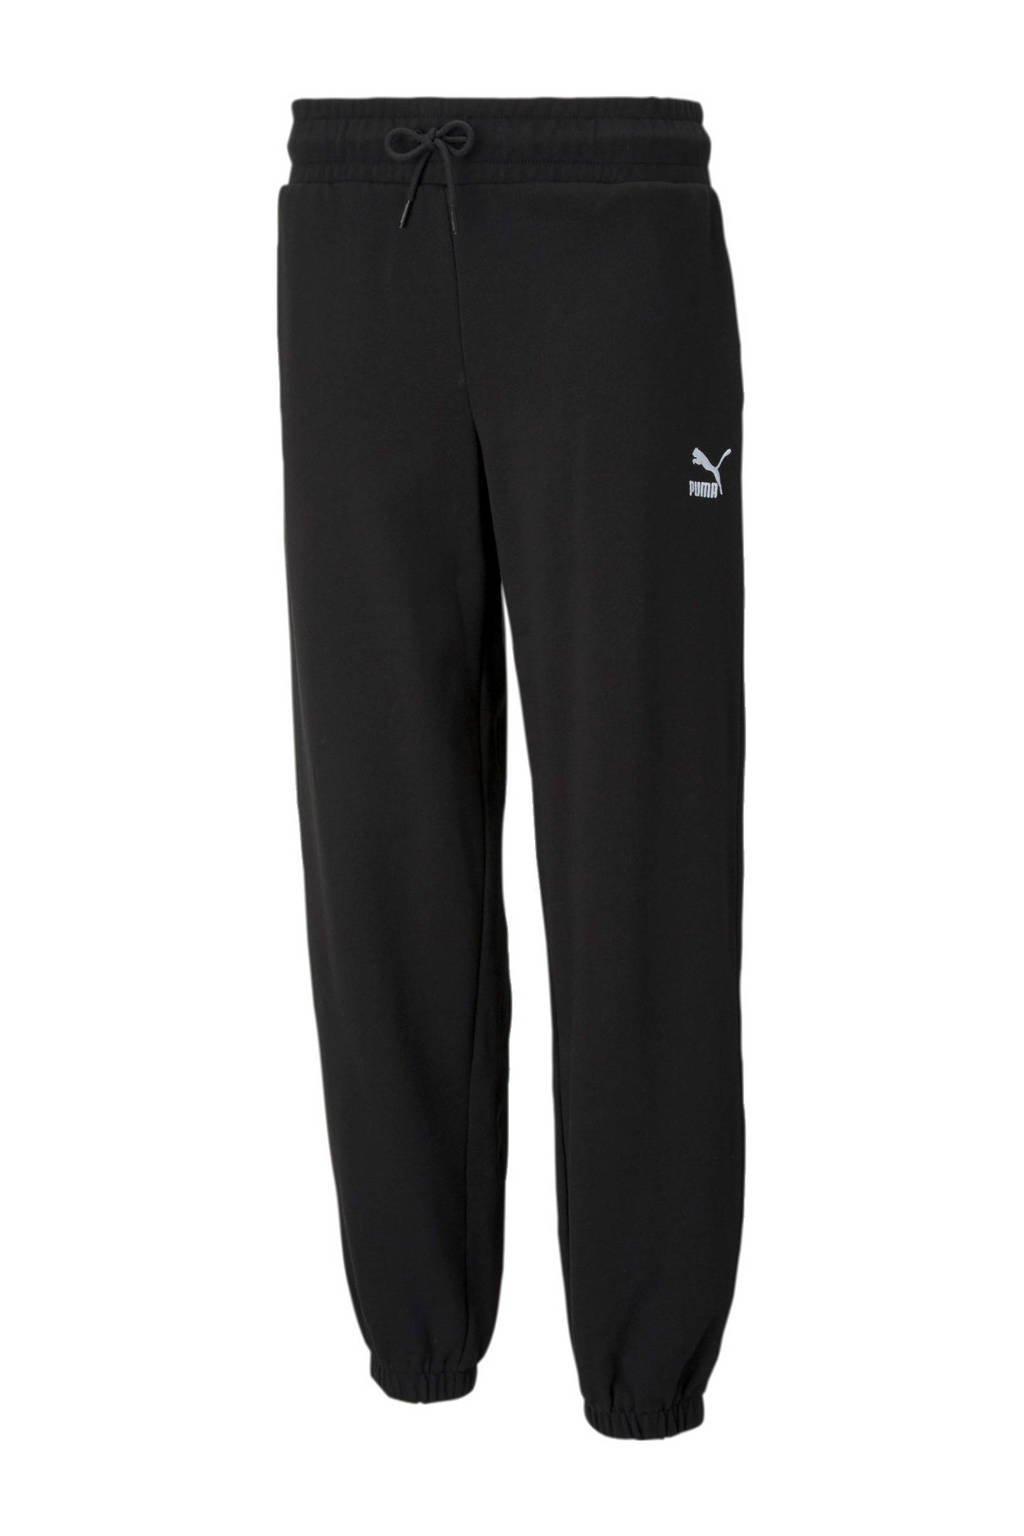 Puma regular fit broek zwart, Zwart